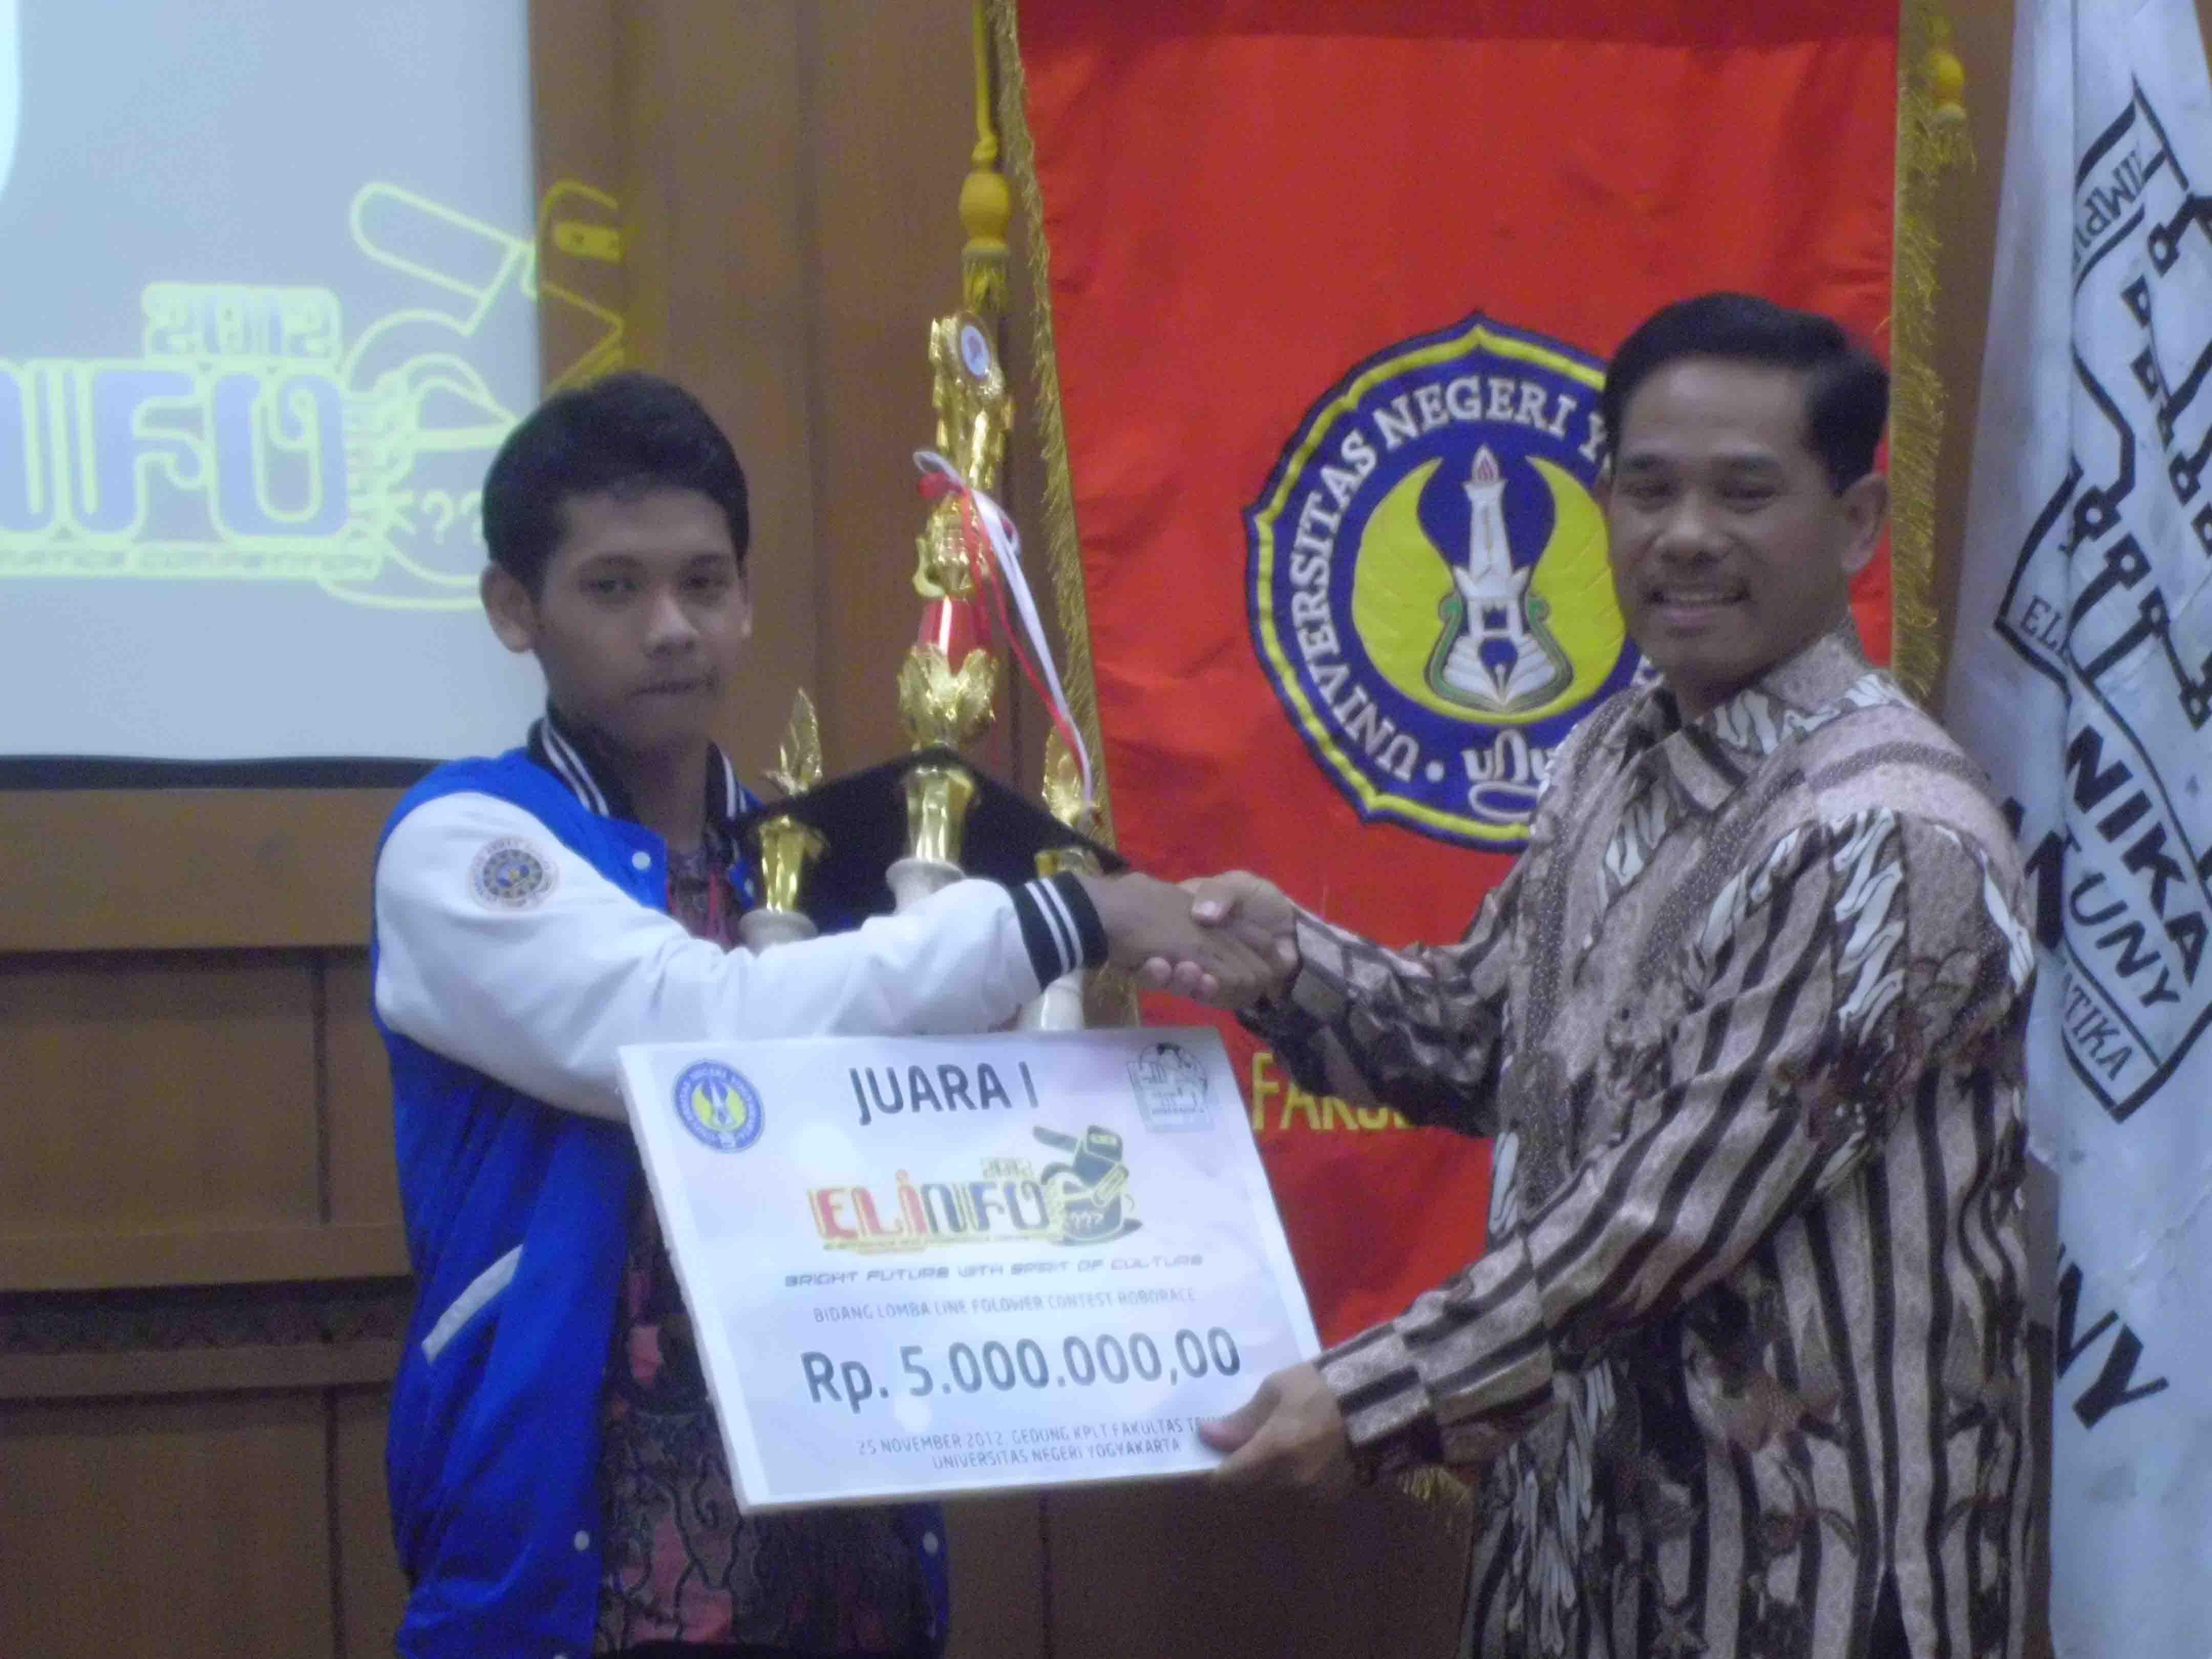 Juara 1dan 4 Lomba ELINFO Tahun 2012